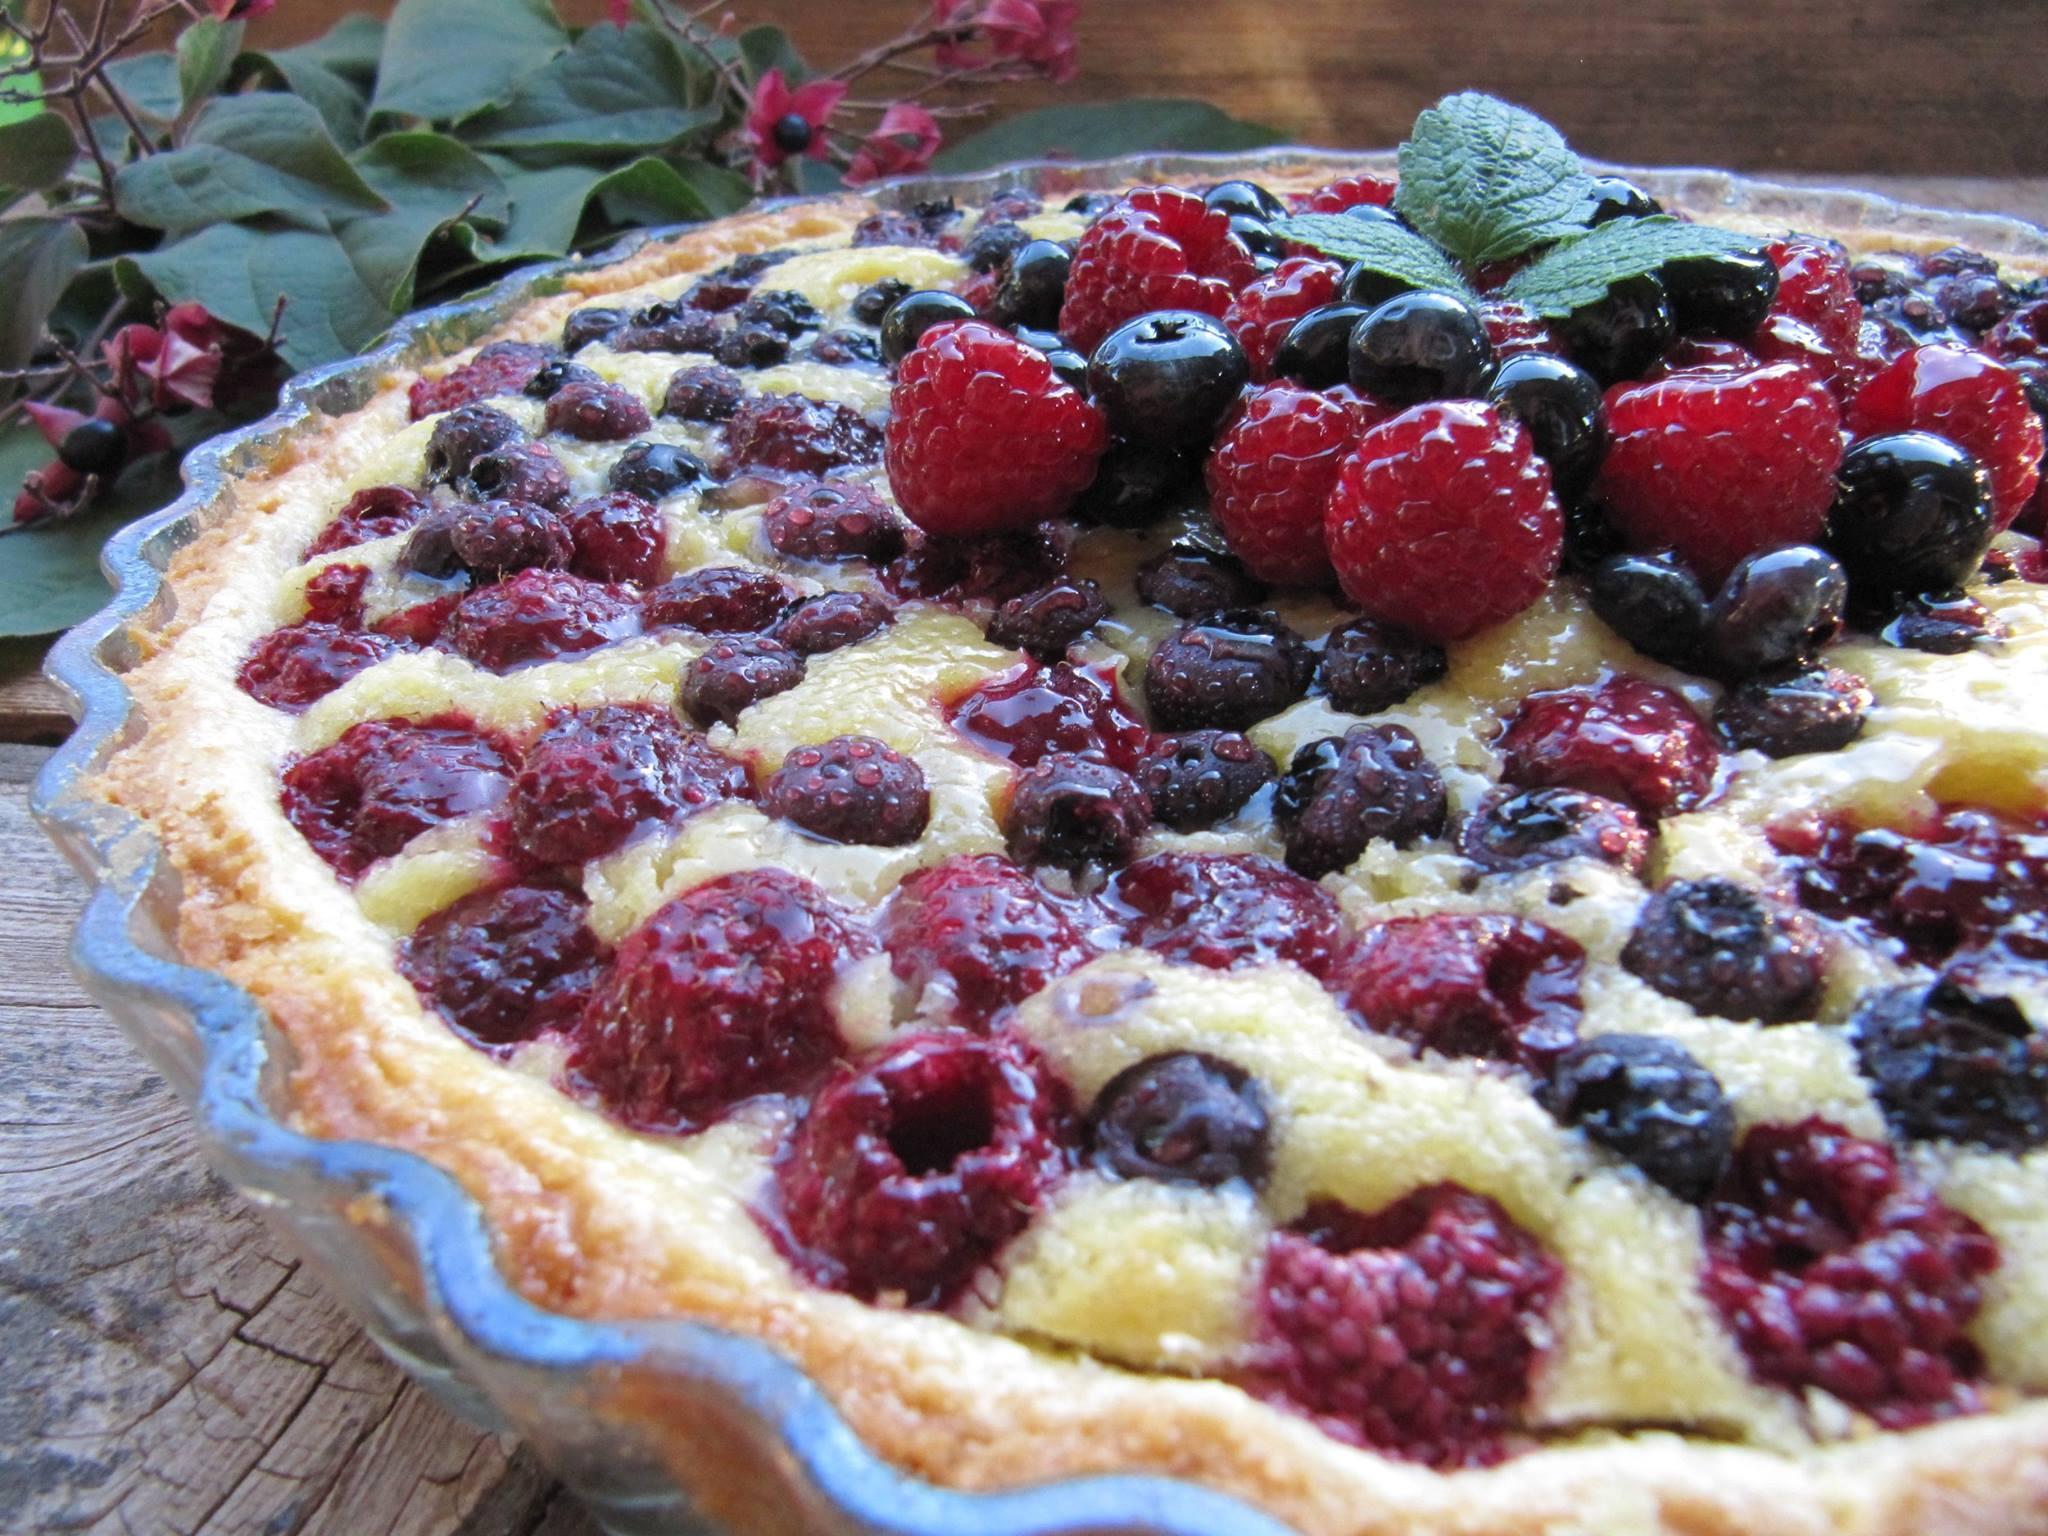 Ricetta dolce: Crostata alla crema frangipane e frutti di bosco